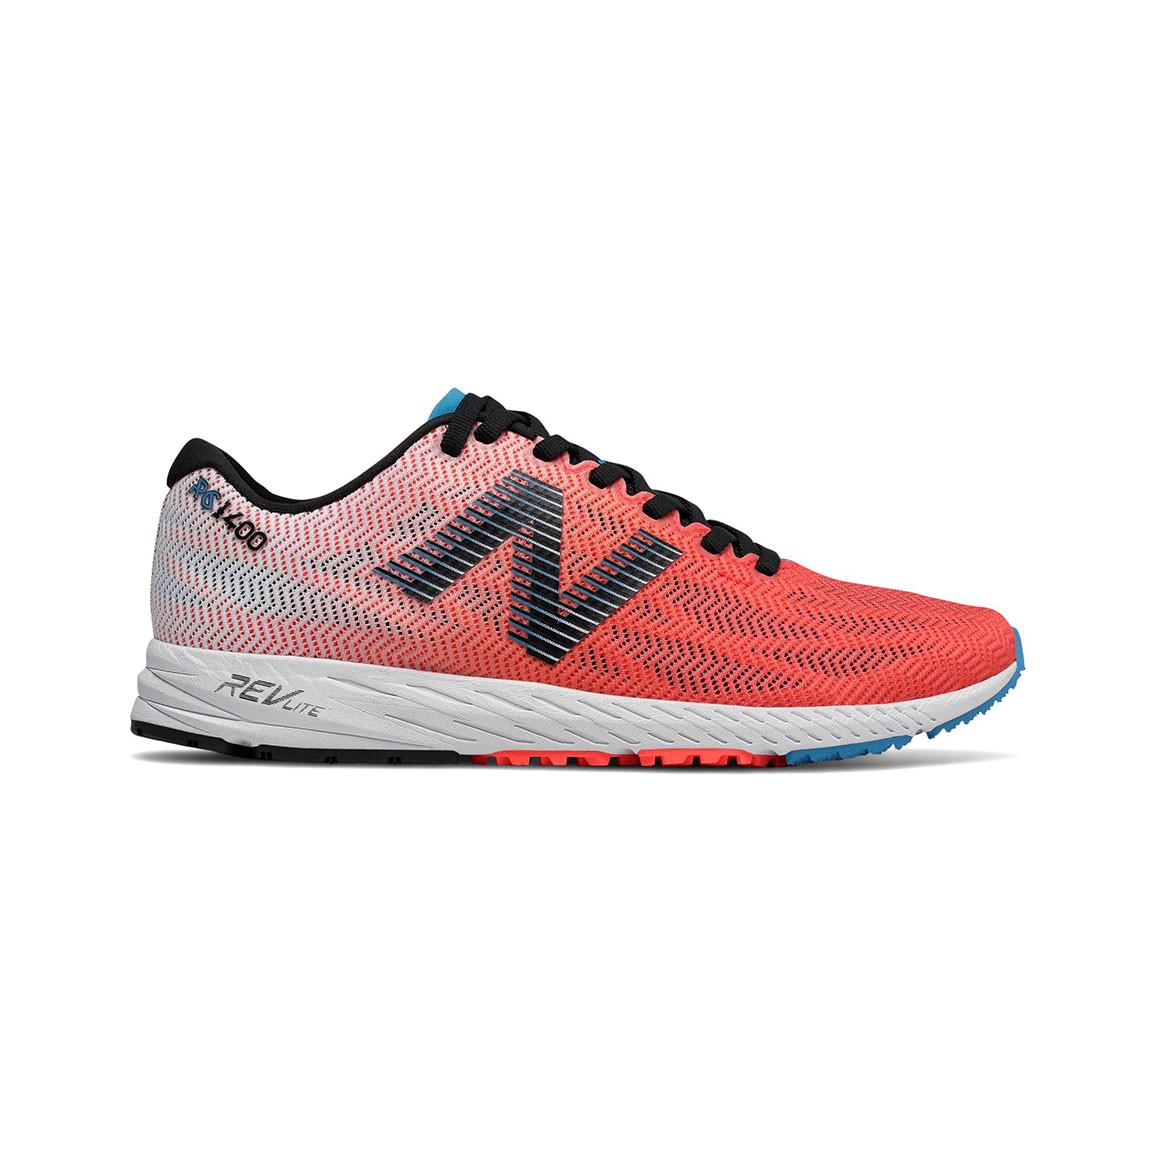 New Balance 1400 v6 - Shoe Reviews - LetsRun.com